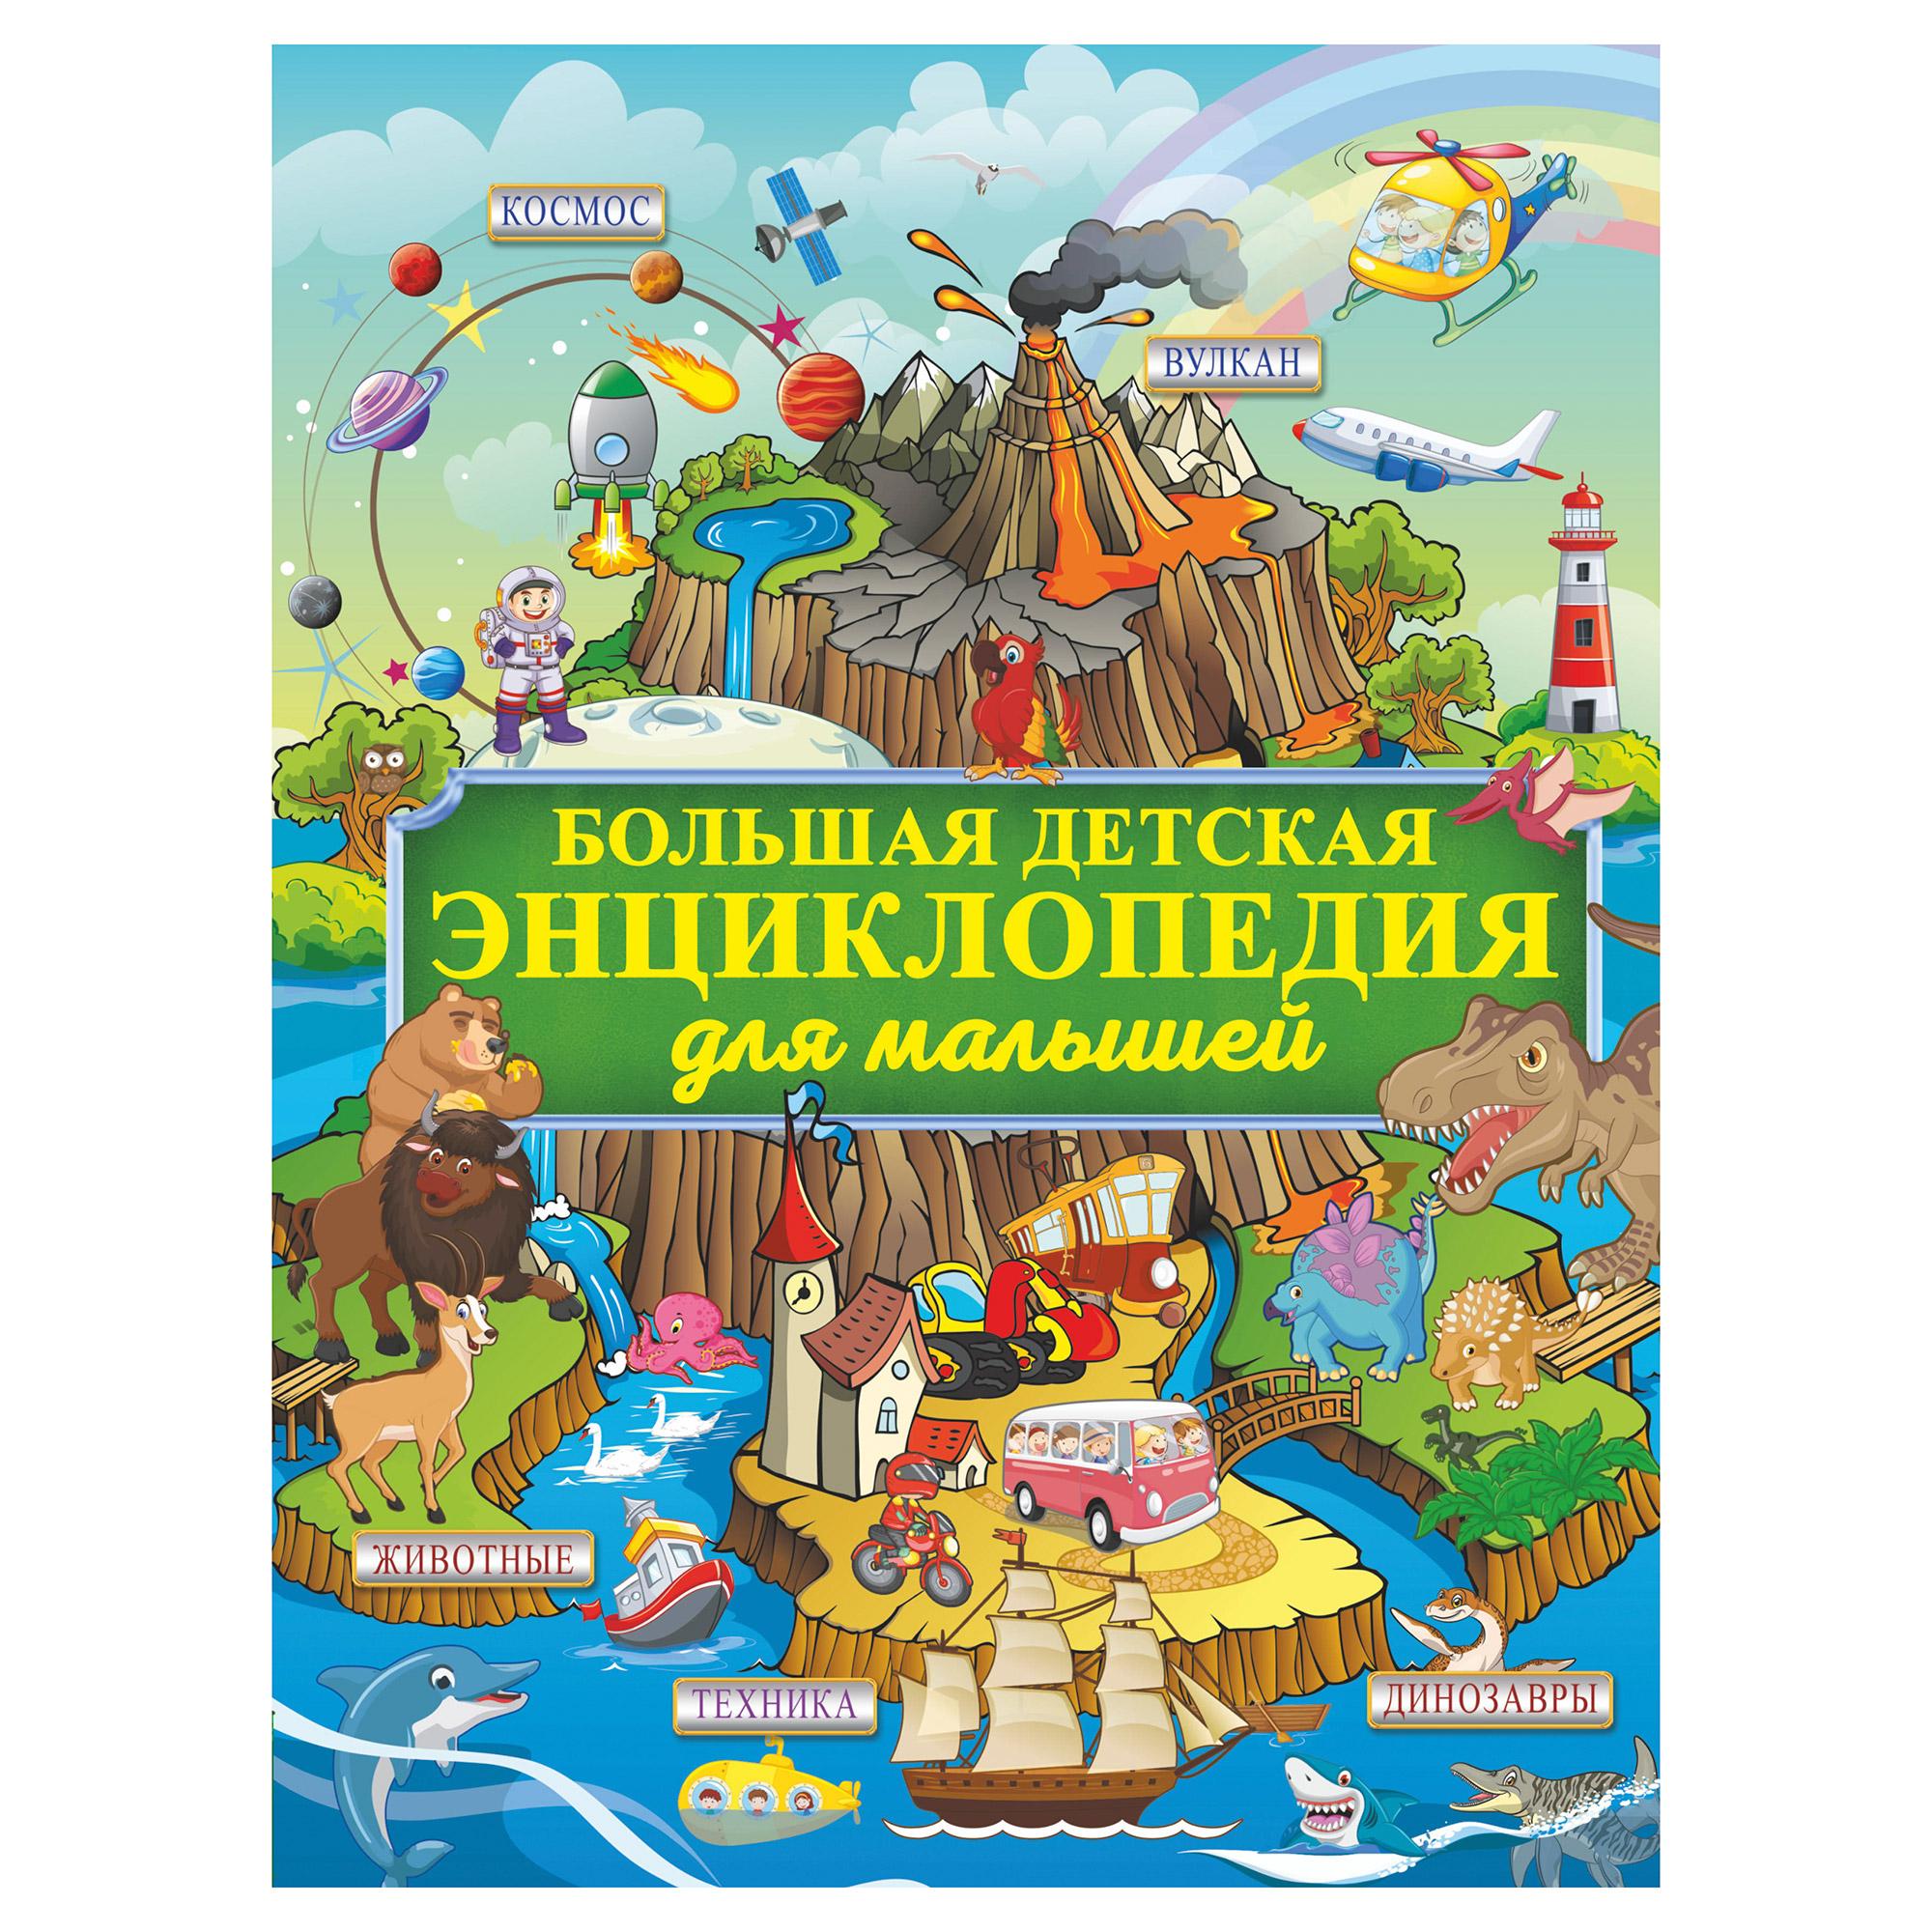 Книга АСТ Большая детская энциклопедия для малышей издательство аст большая книга раскрасок для малышей л двинина